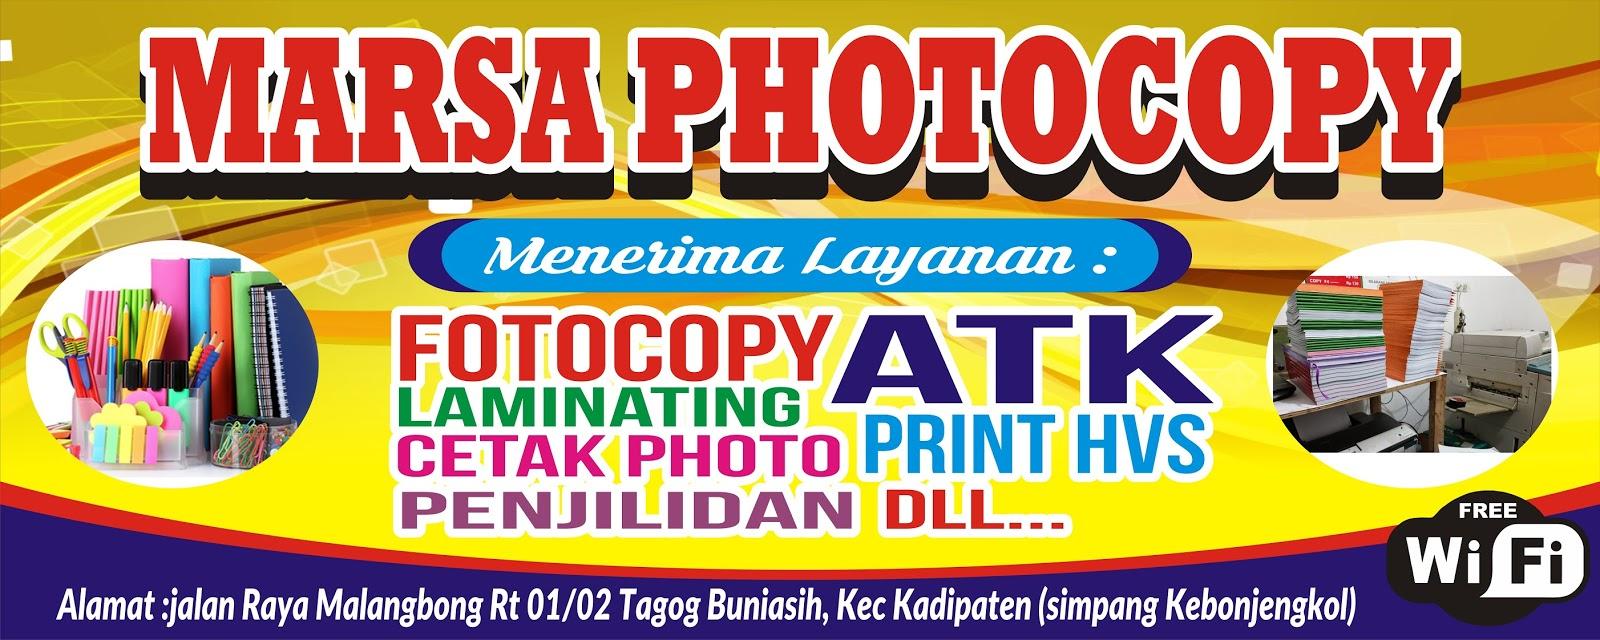 Download Contoh Spanduk Fotocopy. cdr - KARYAKU